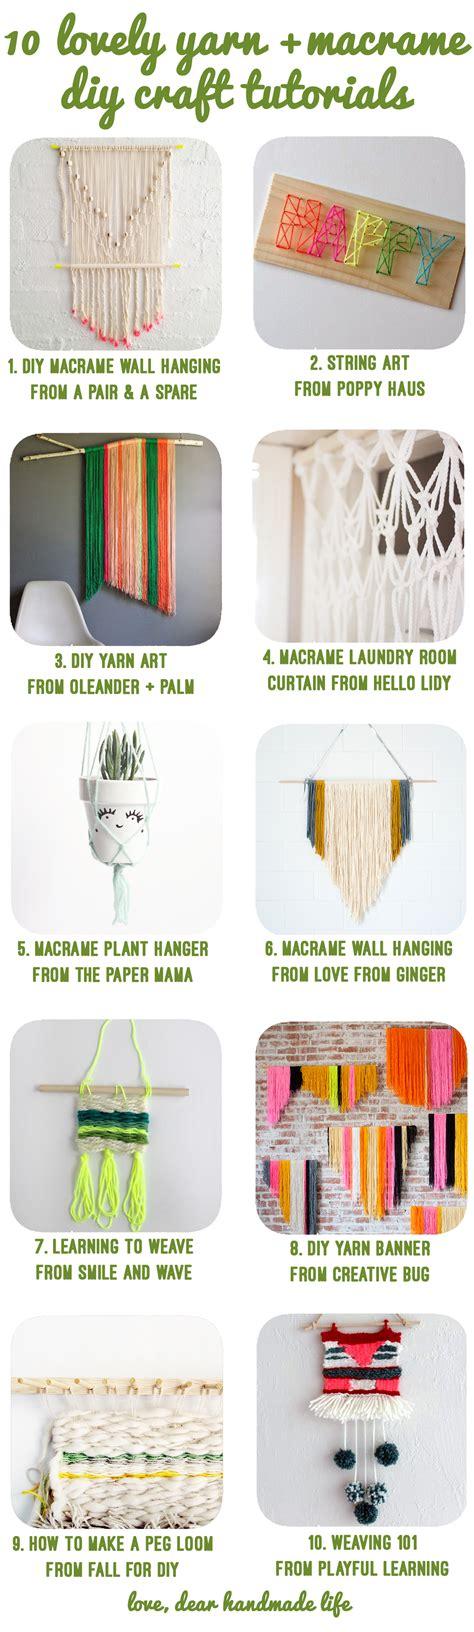 Handmade Craft Tutorial - 10 lovely yarn macrame diy craft tutorials dear